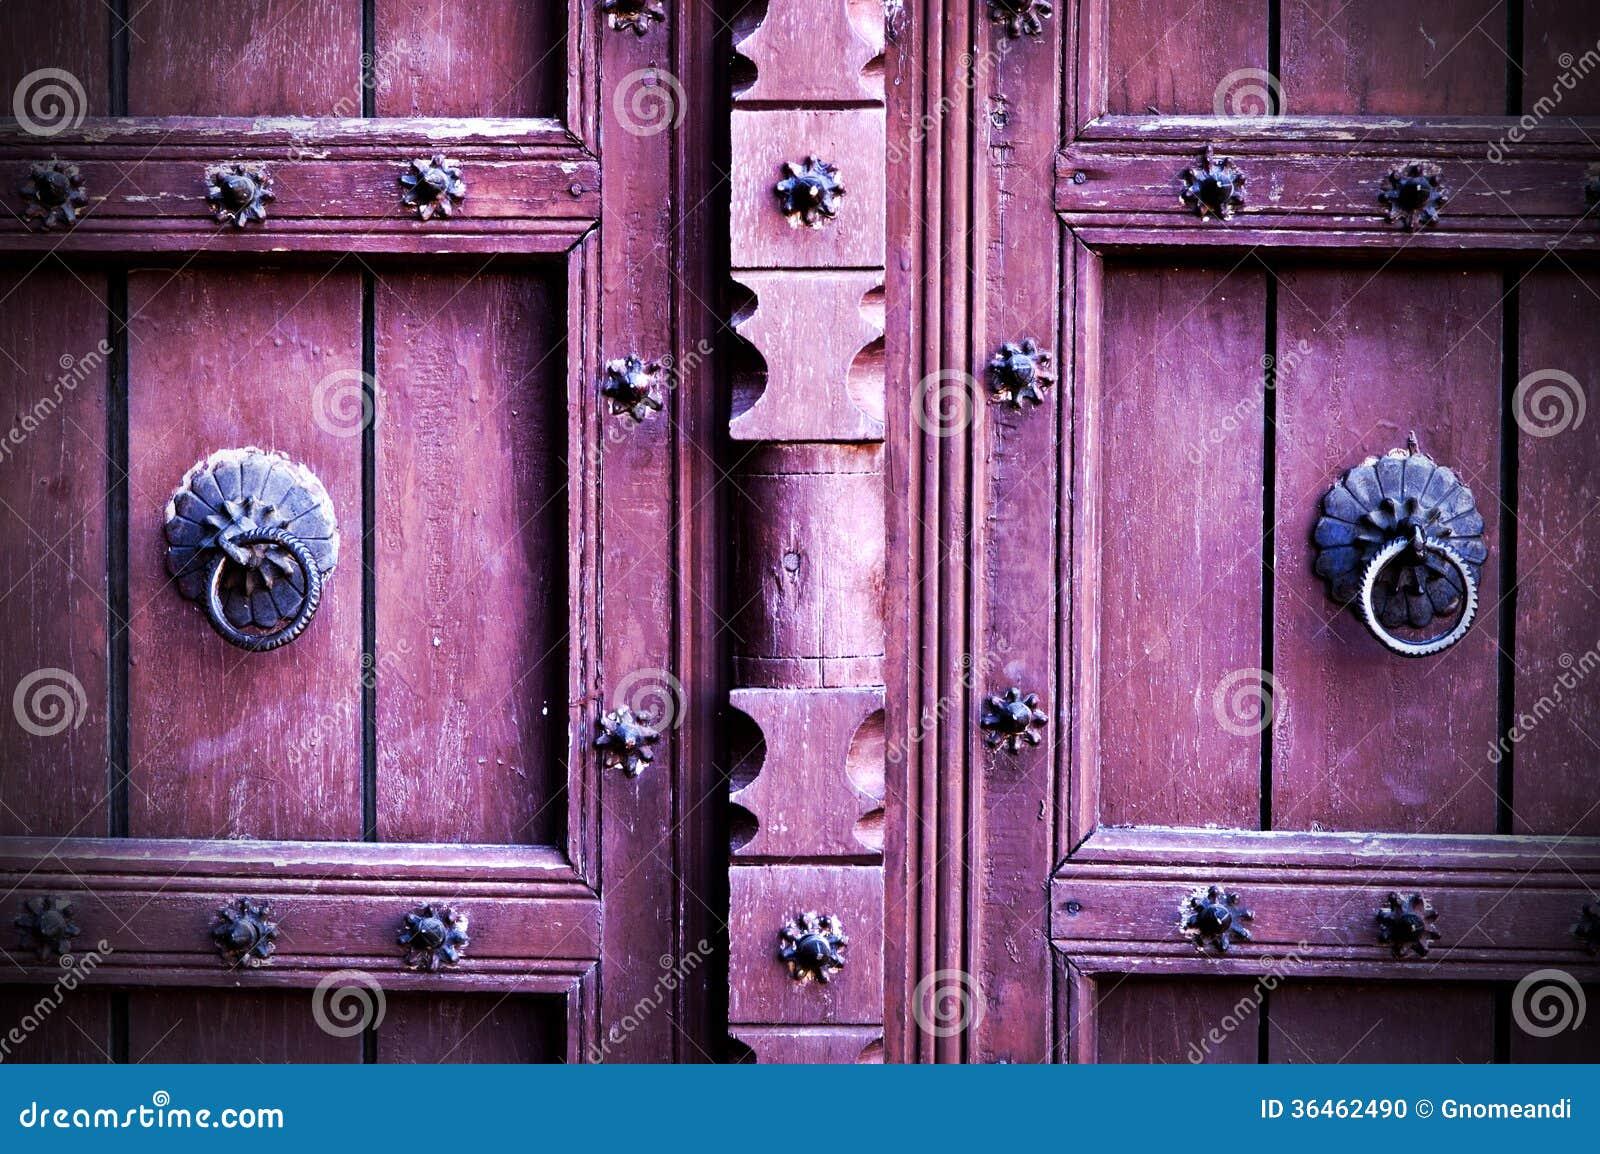 Foto Di Porte Antiche porte di legno antiche con le manopole di porta dell'anello